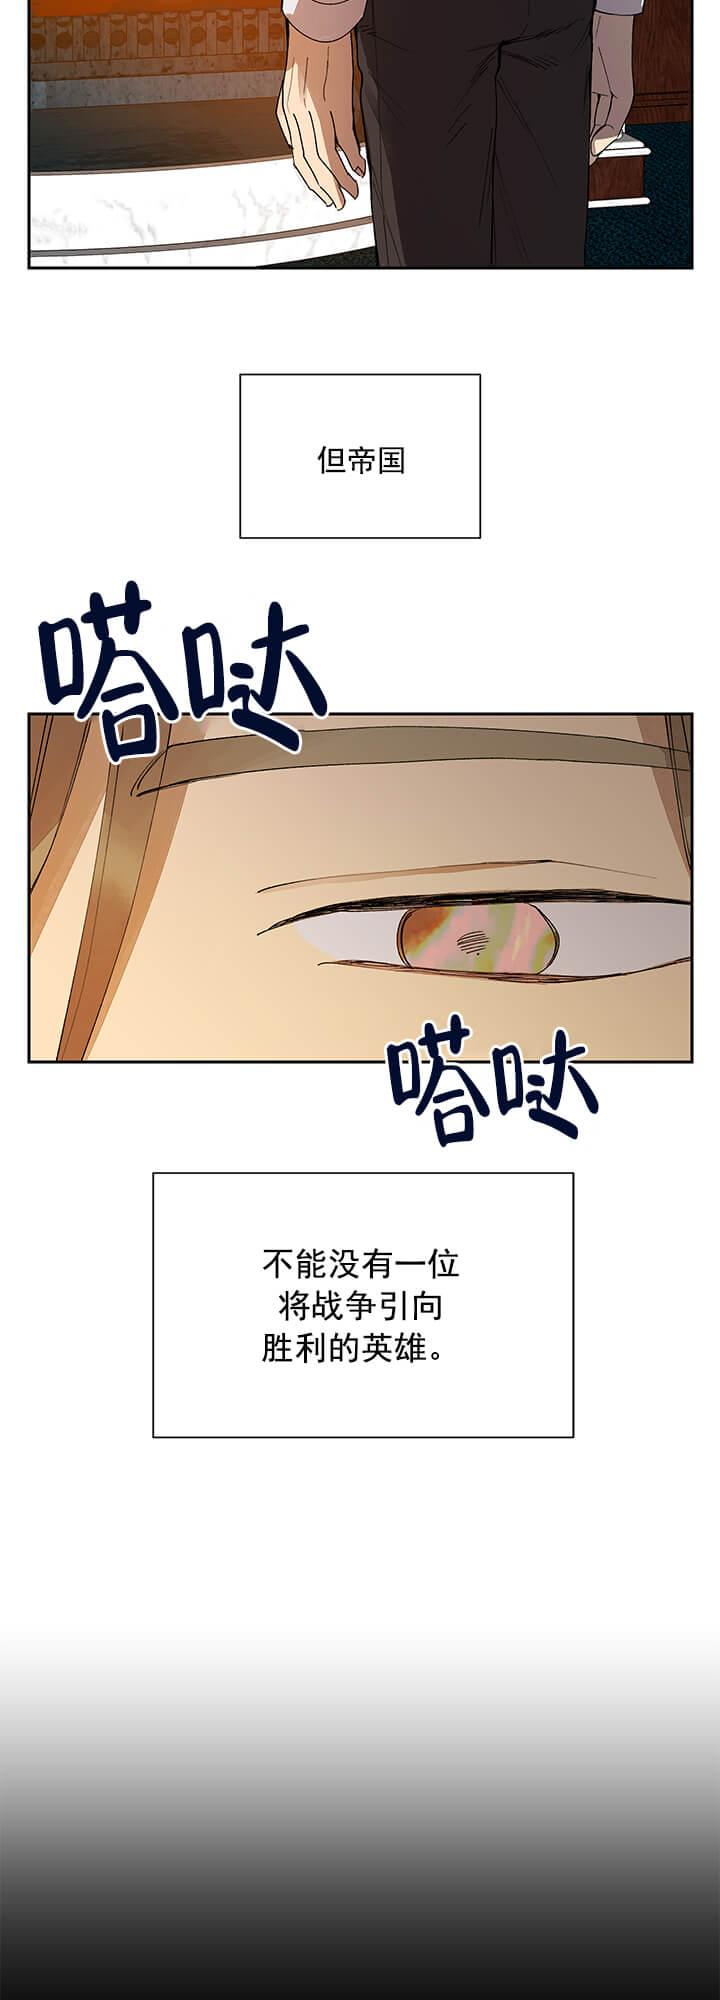 韩漫 |《谁在撒谎》表面忠诚骑士x危险人质王子,究竟谁在撒谎?  第12张